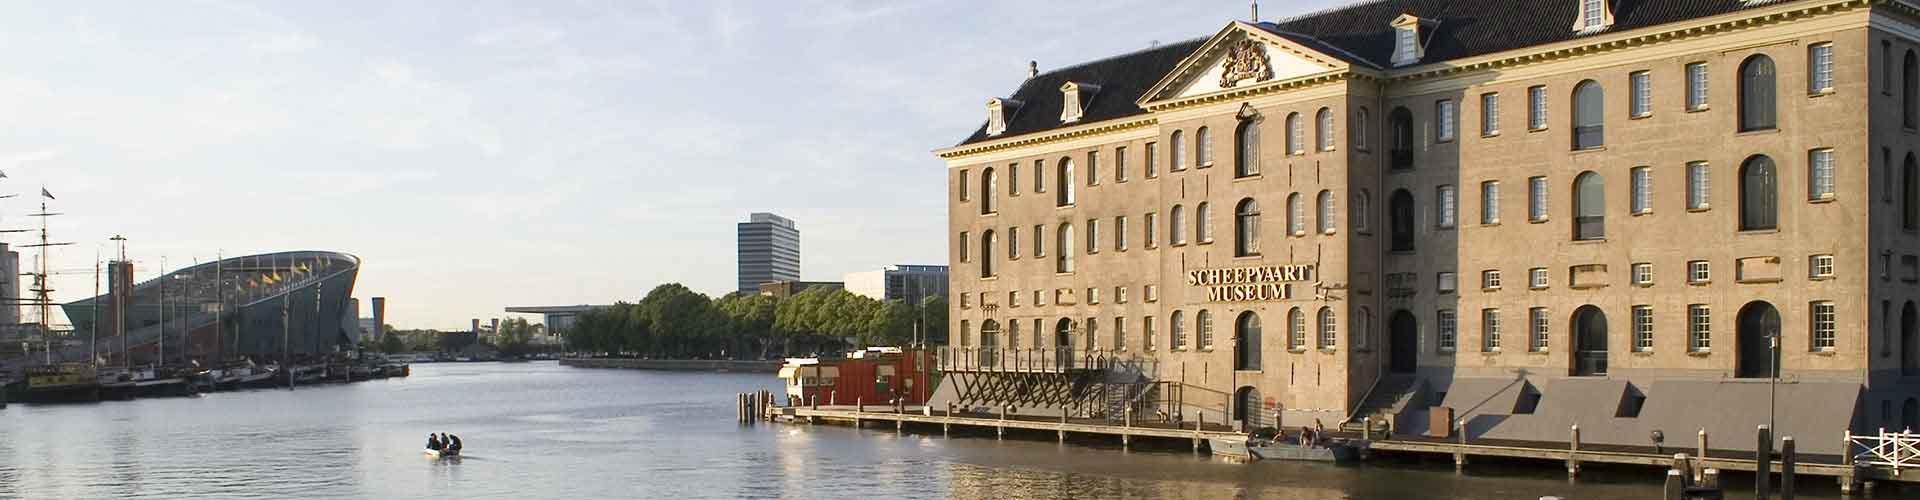 阿姆斯特丹 – 航海博物馆 附近的青年旅舍。阿姆斯特丹地图,阿姆斯特丹 所有青年旅馆的照片和评分。